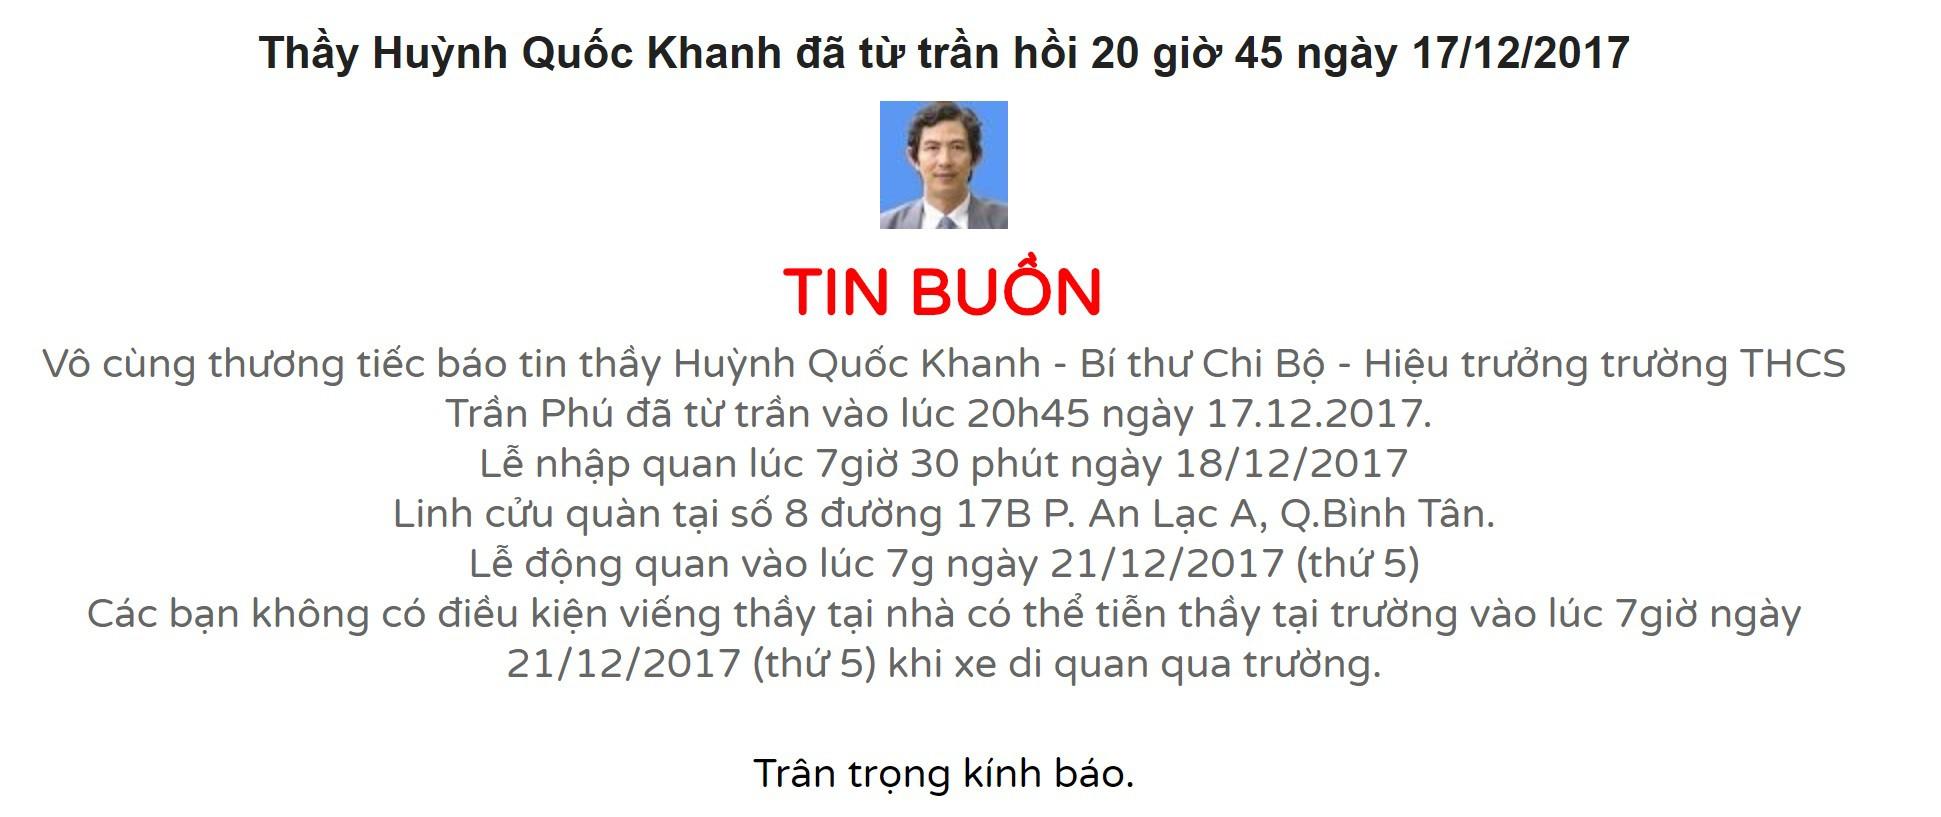 Hình ảnh xúc động: Hàng nghìn HS trường Trần Phú TP.HCM cuối đầu vĩnh biệt thầy hiệu trưởng đột ngột qua đời - Ảnh 1.